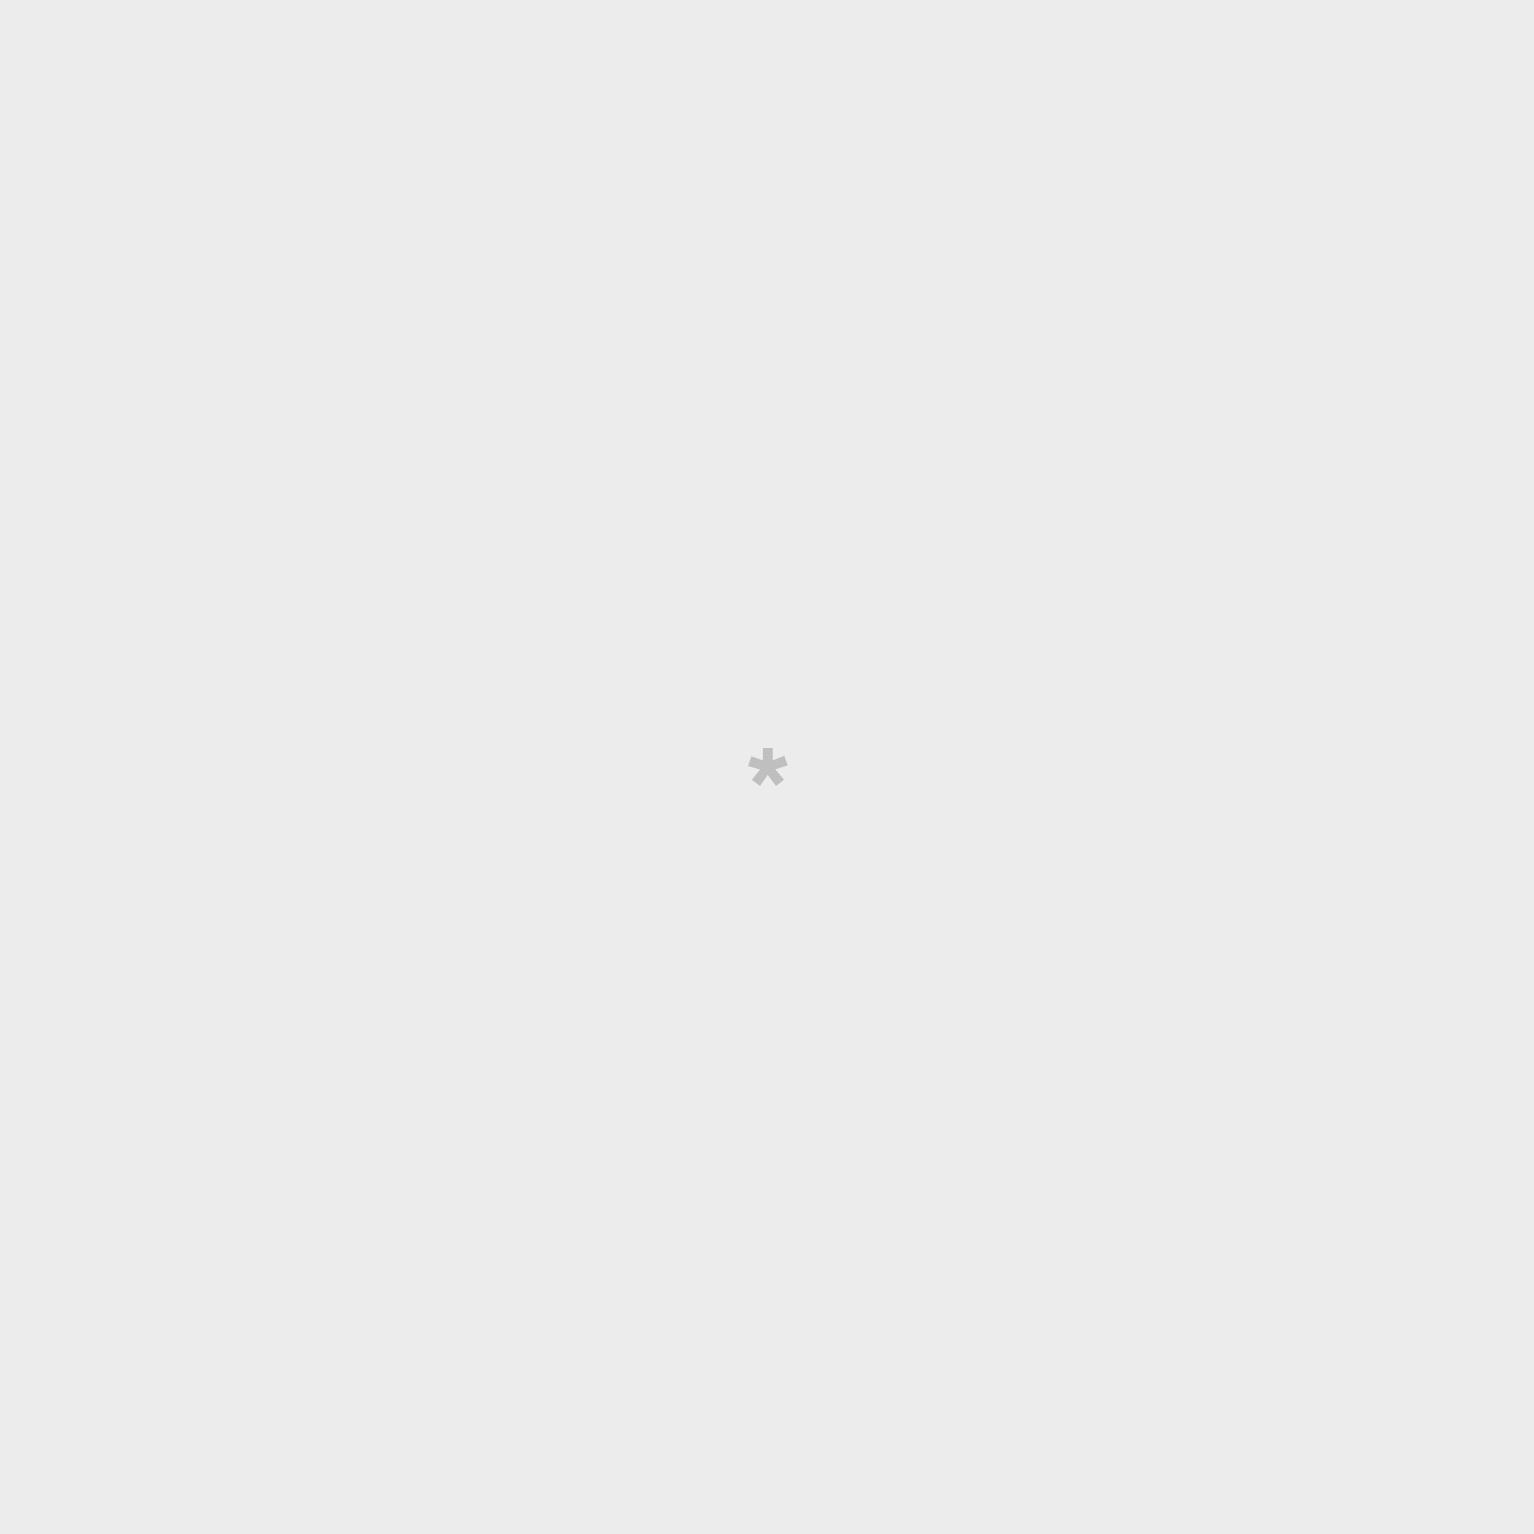 Planner settimanale con extra - Tu lo renderai possibile